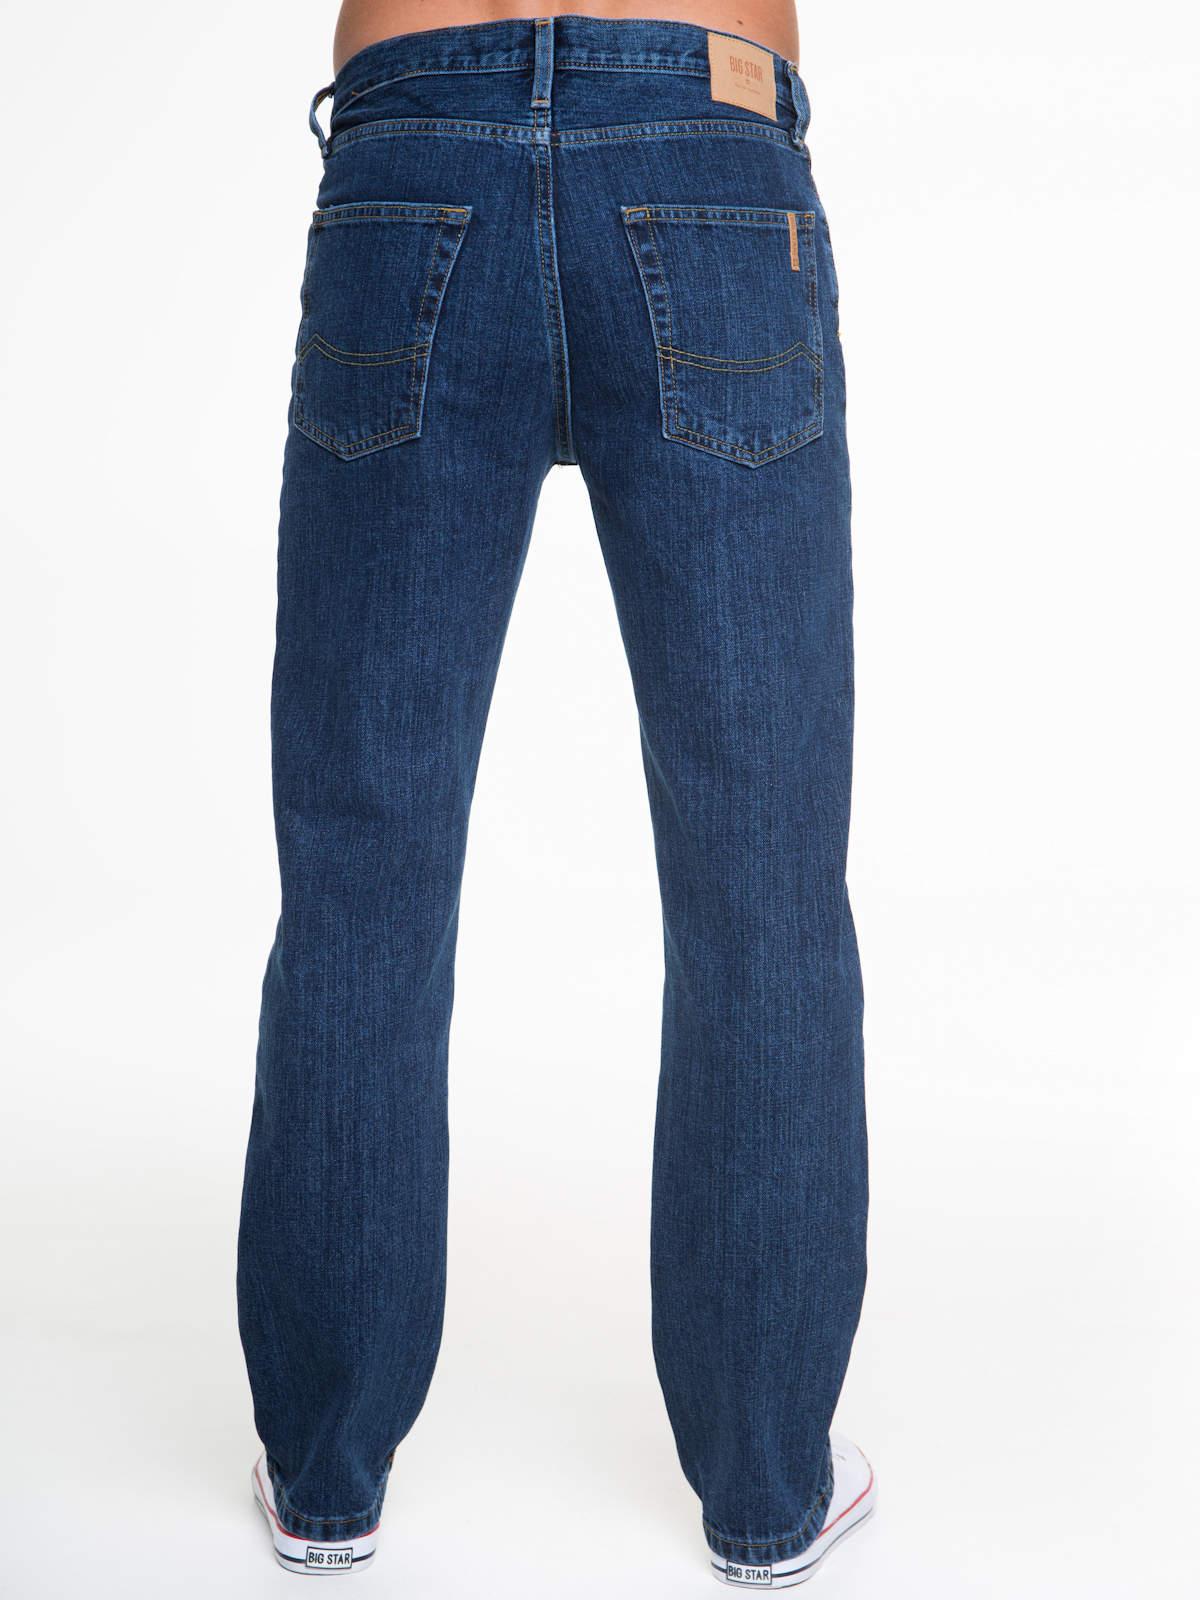 Big-Star-Jeans-Colt-497-Regular-Fit-Herren-Hose-Straight-Leg-Medium-Denim-NEU Indexbild 15